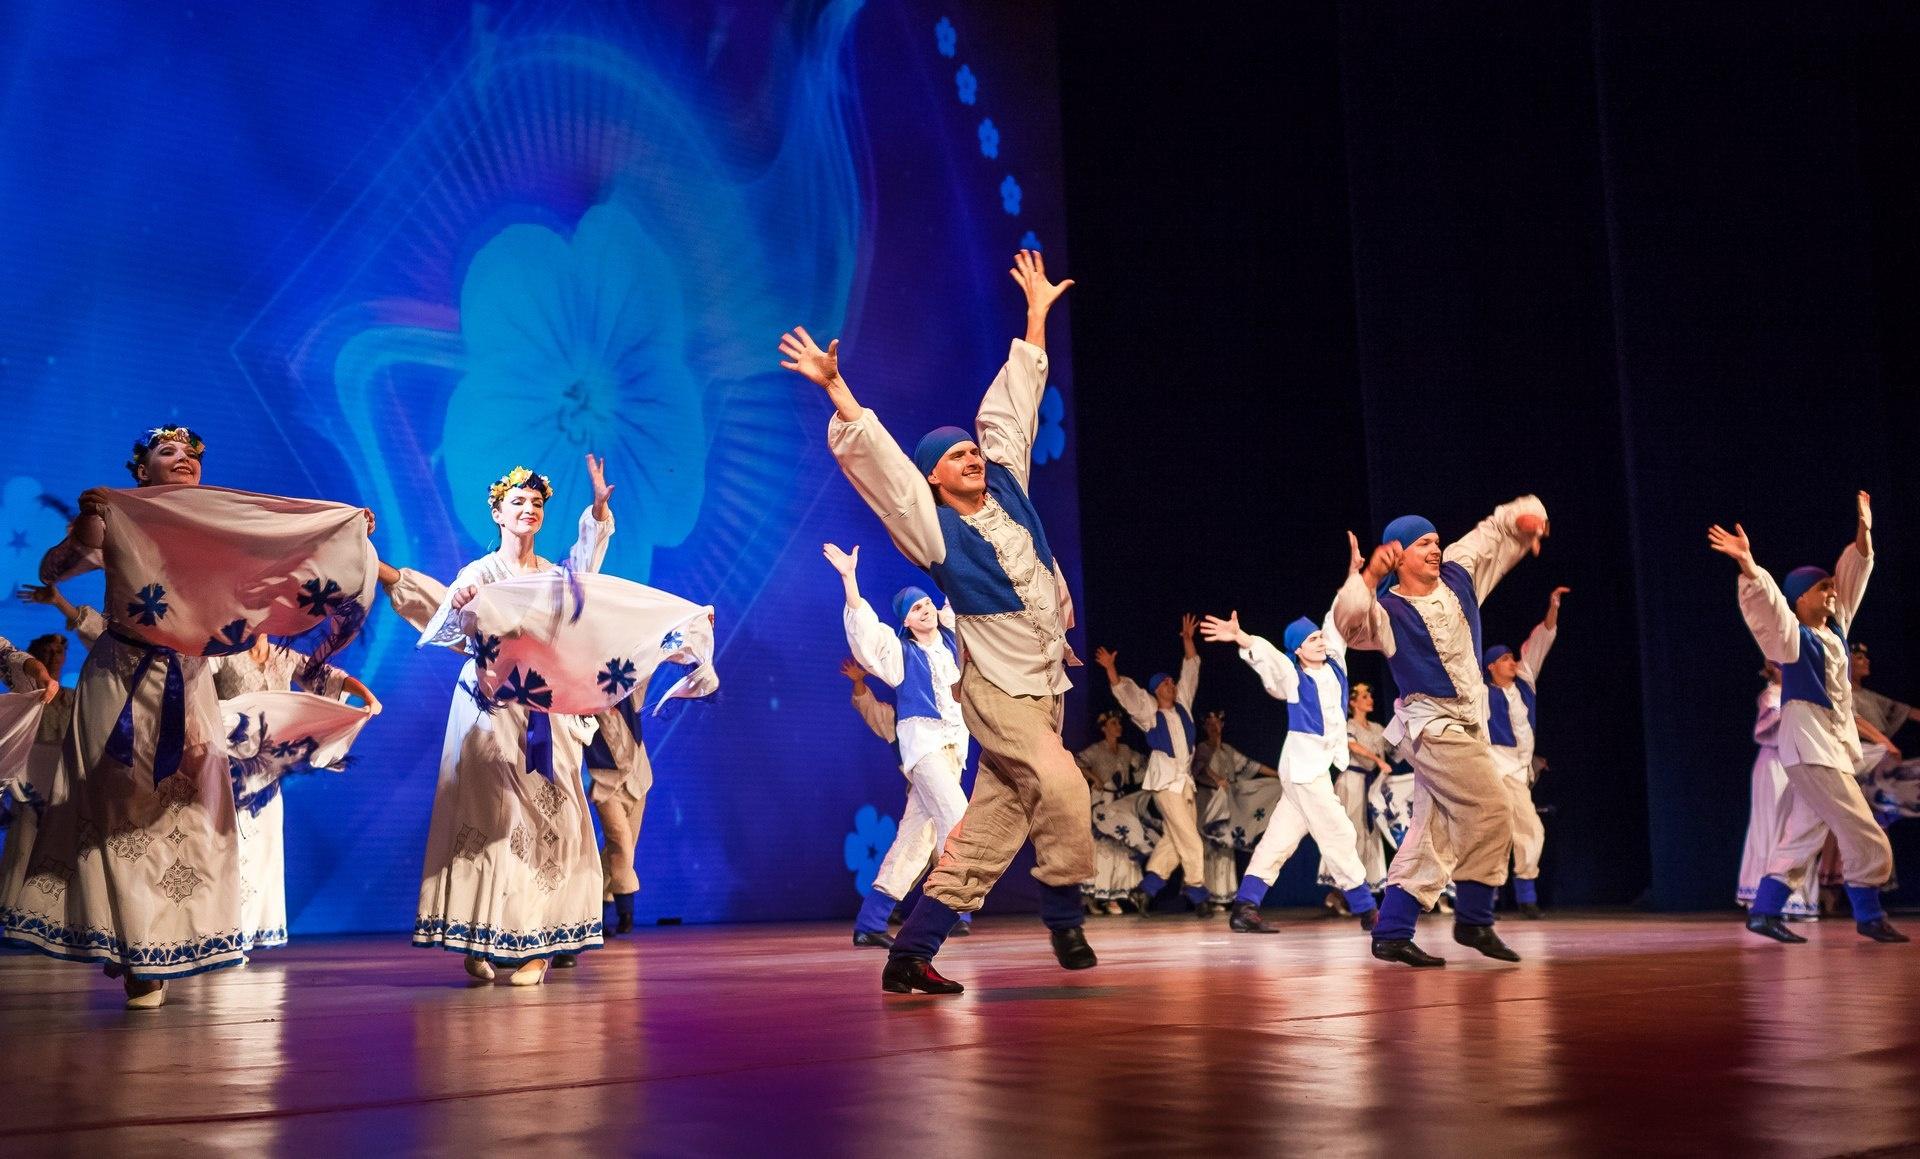 Цветы льна - популярный символ в Белоруссии